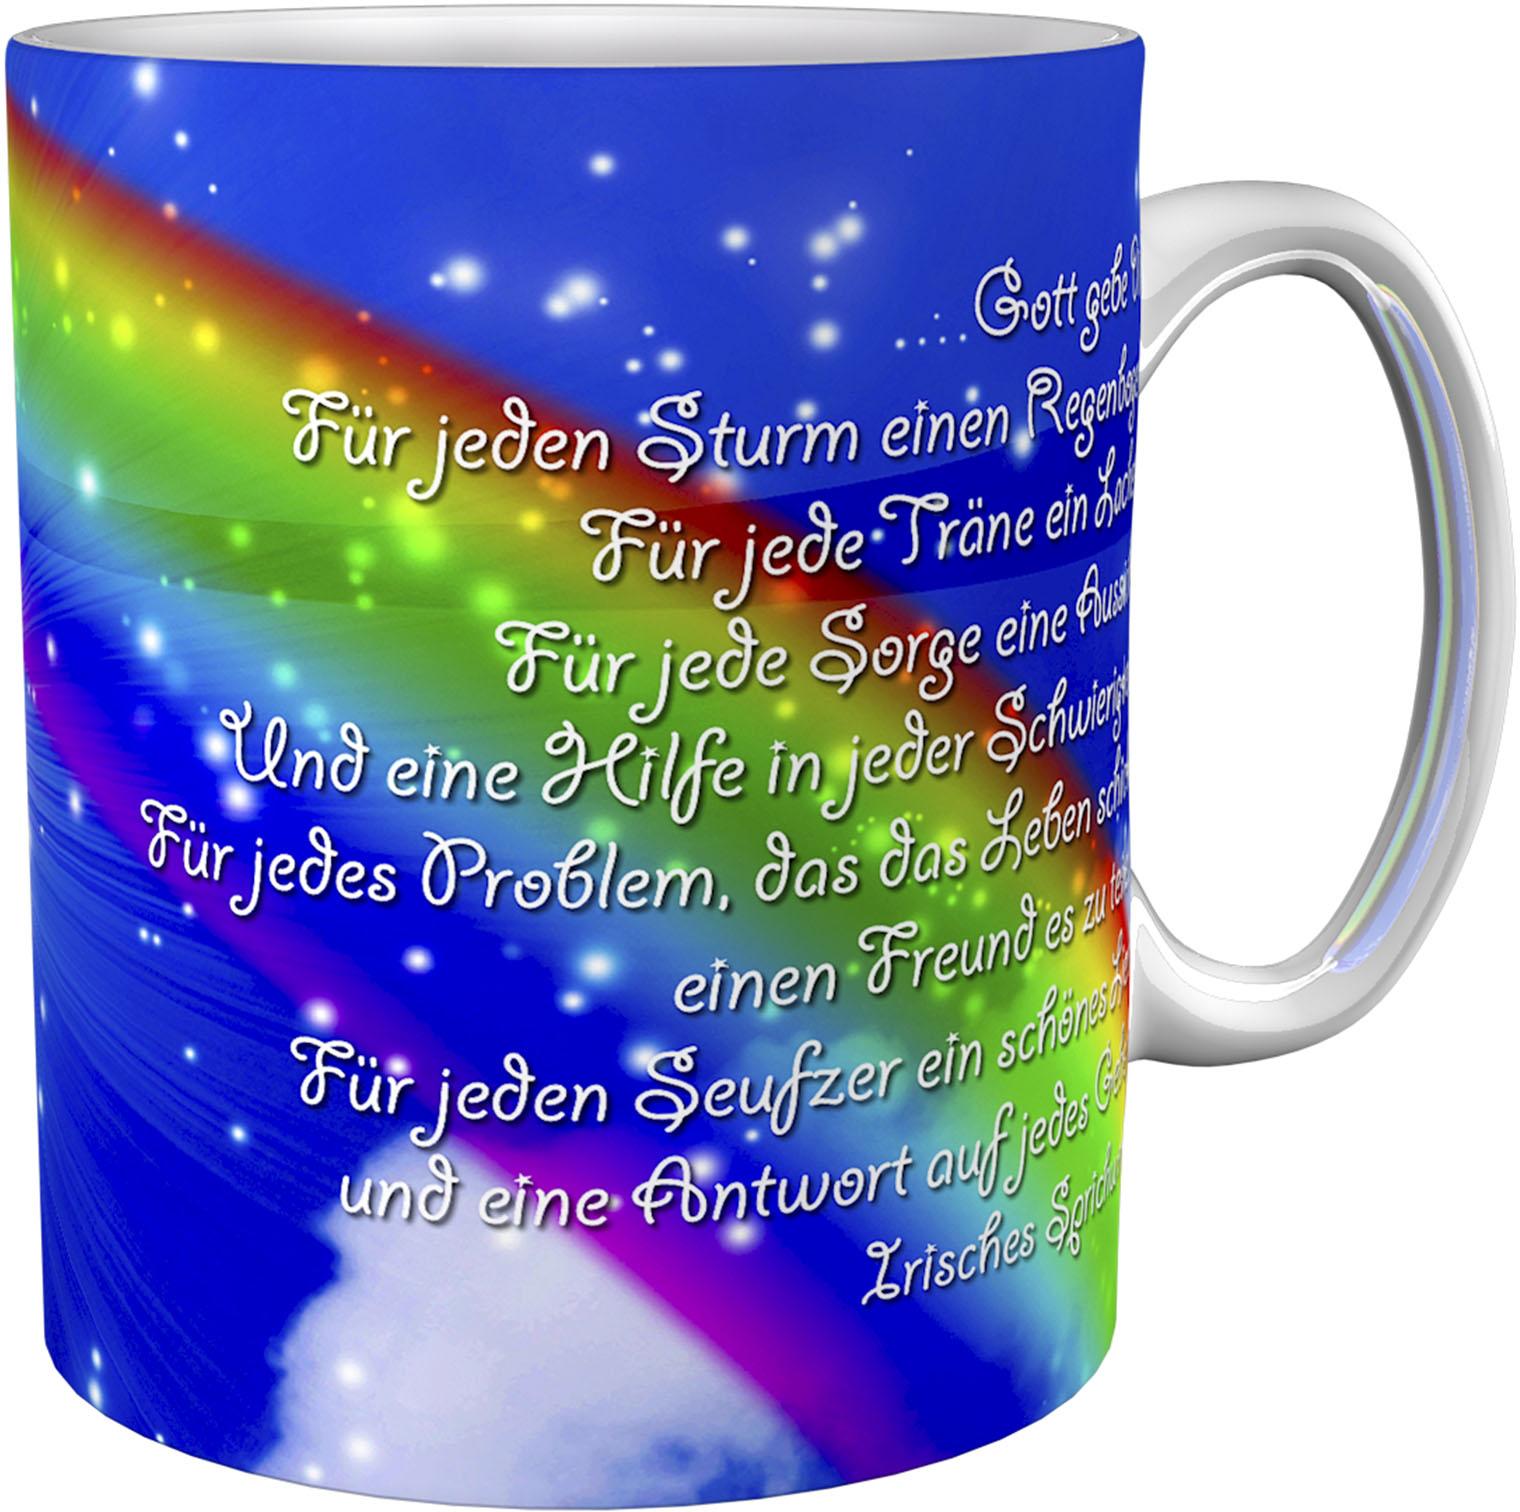 Kaffeetasse / Kaffeebecher / Regenbogen / Konfirmation